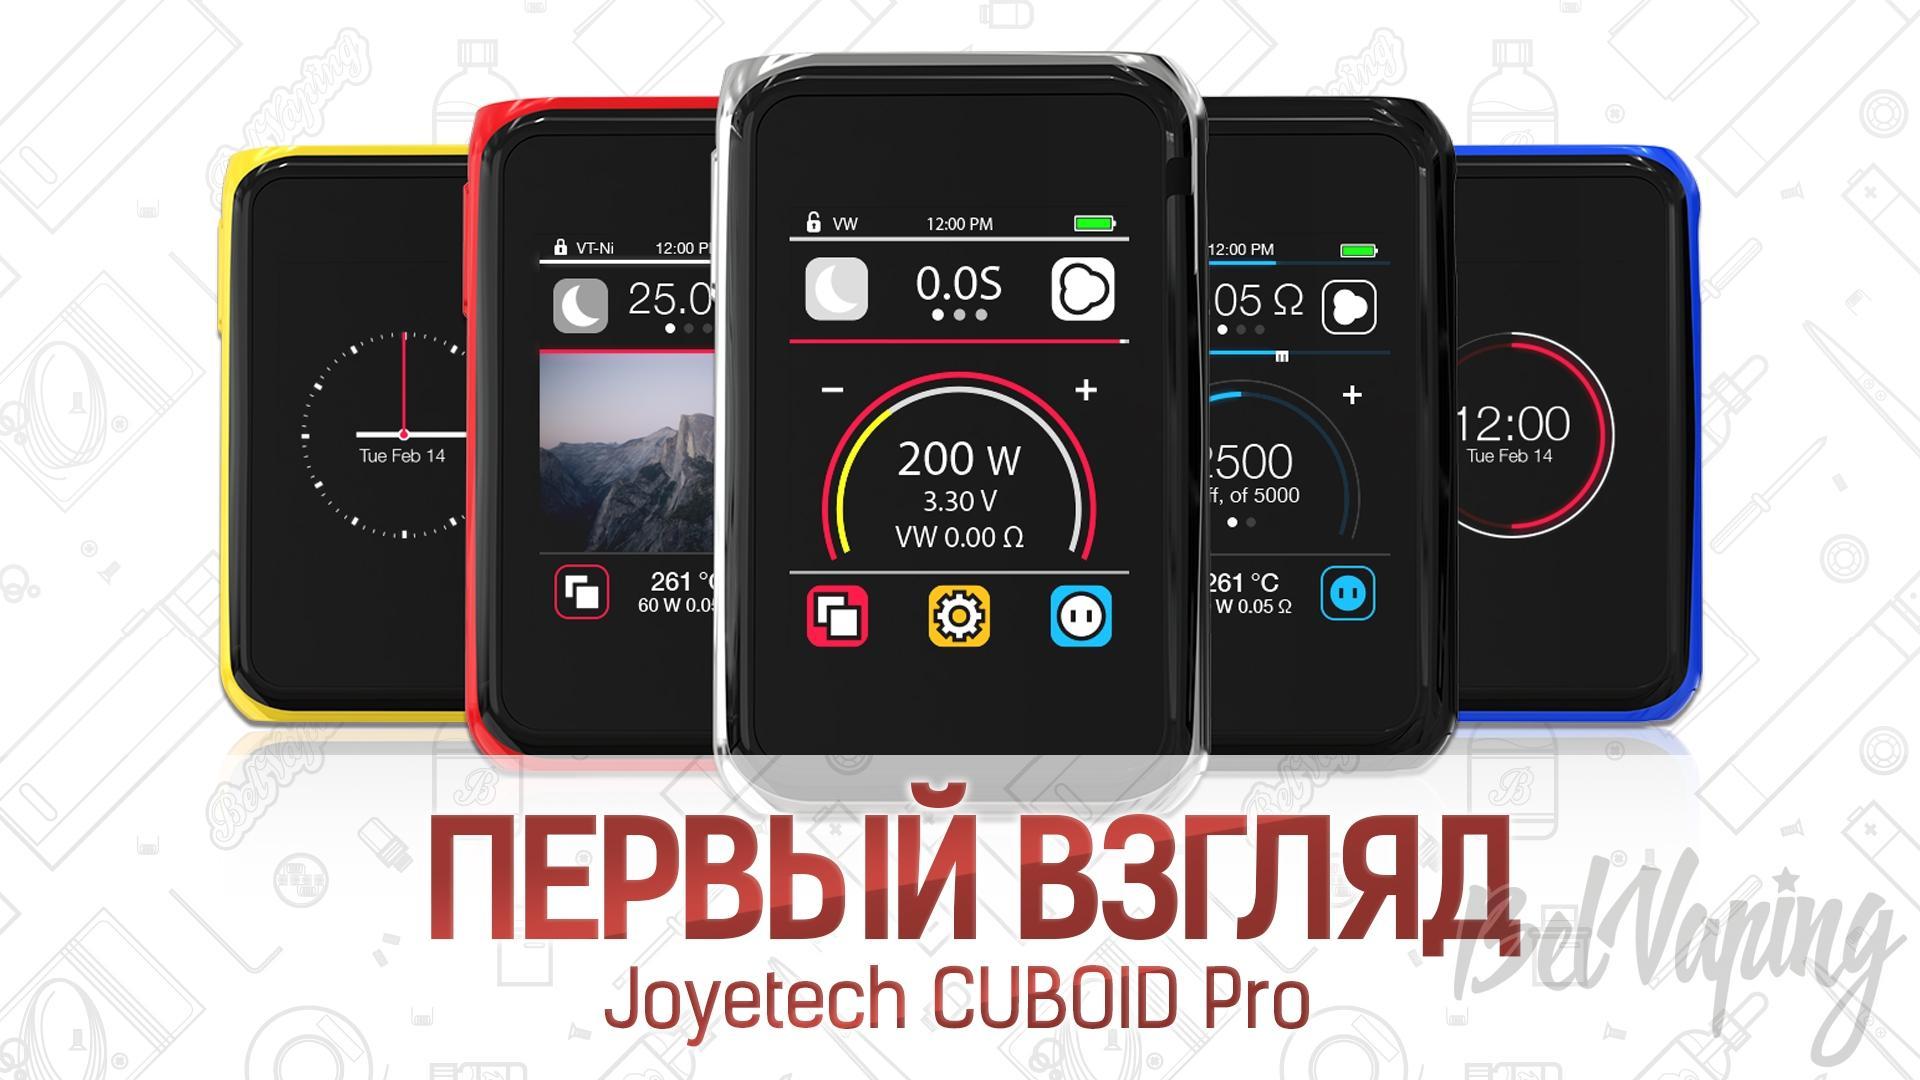 Joyetech CUBOID Pro. Первый взгляд